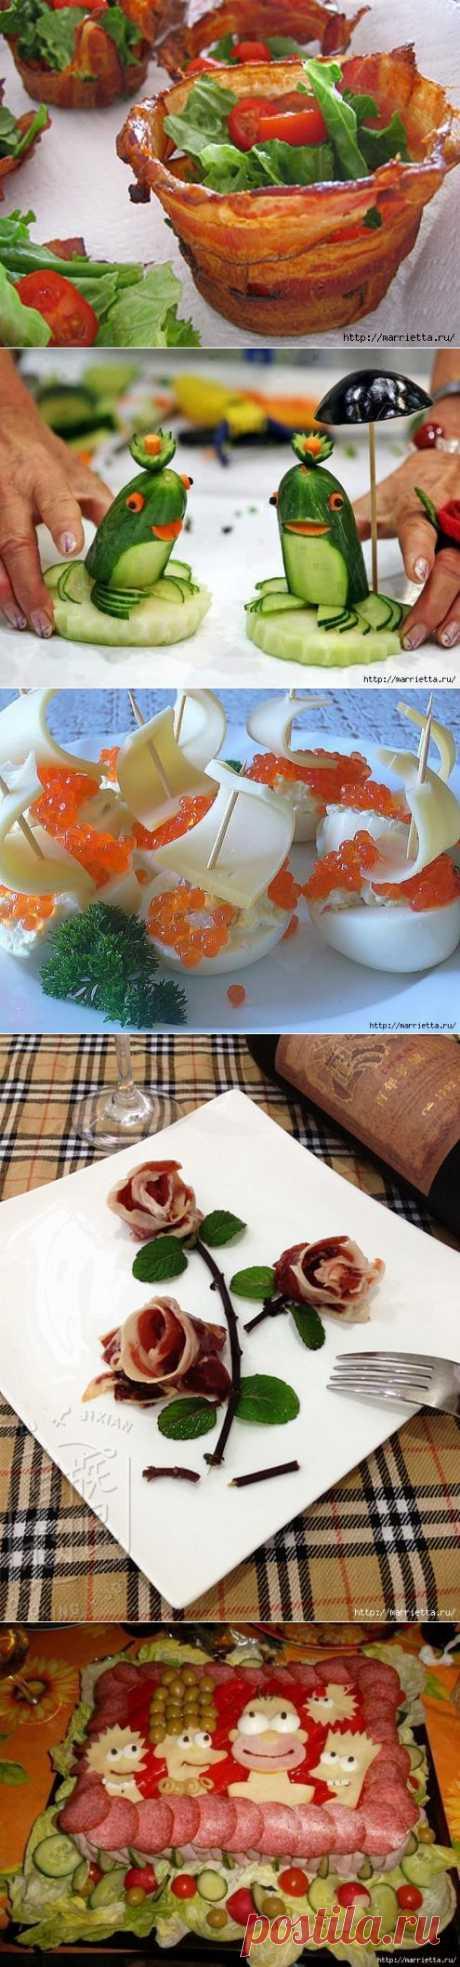 Розы и корзинки из ветчины, тюльпаны из помидоров и другие красивые вкусности.